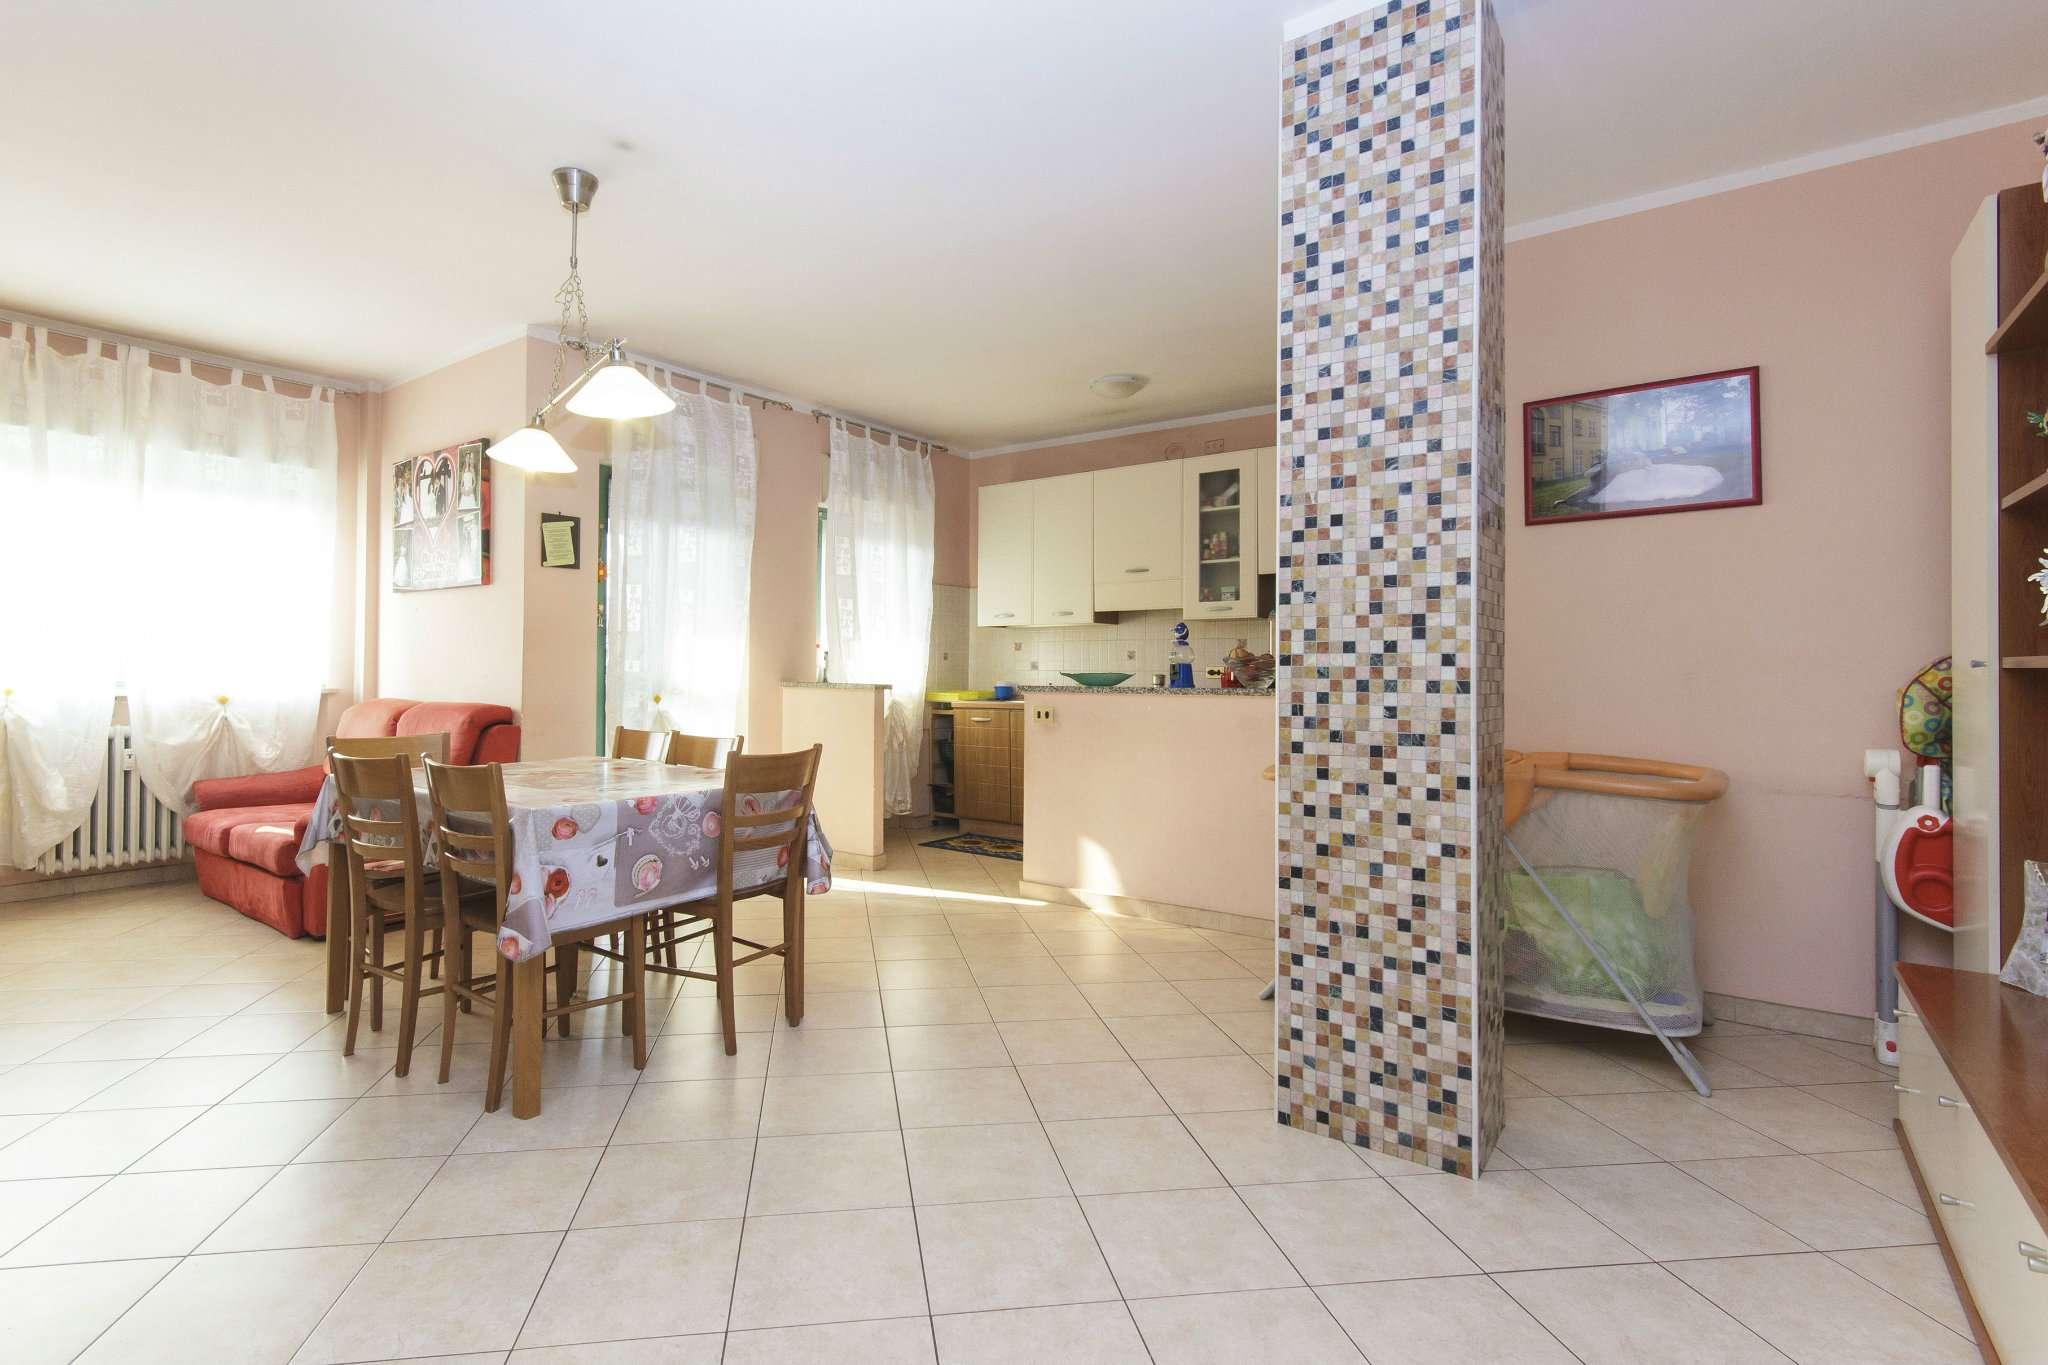 Appartamento in vendita a Pianezza, 4 locali, prezzo € 134.000 | CambioCasa.it